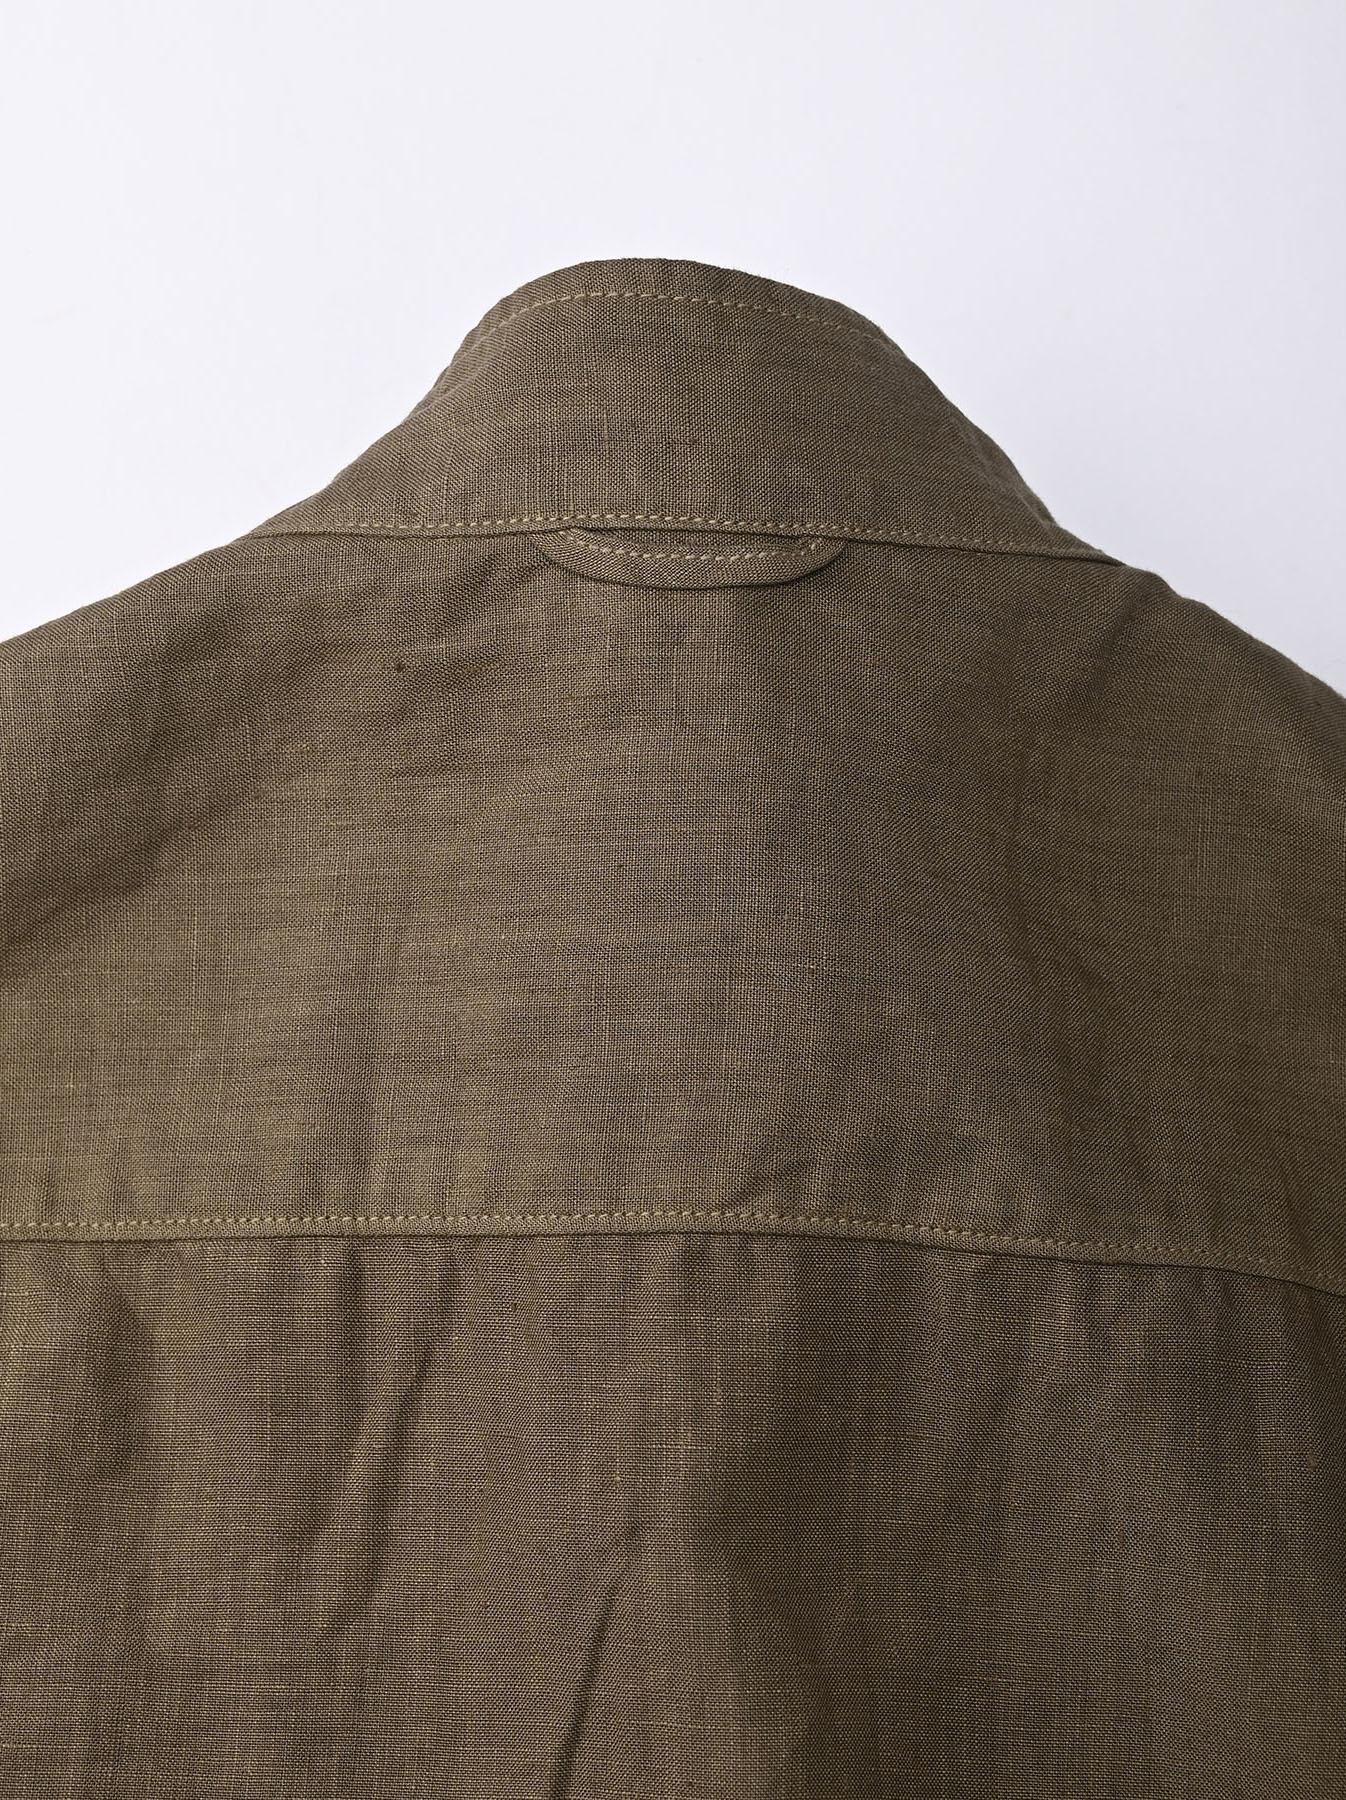 Linen 908 Ocean Pull Shirt (0521)-8